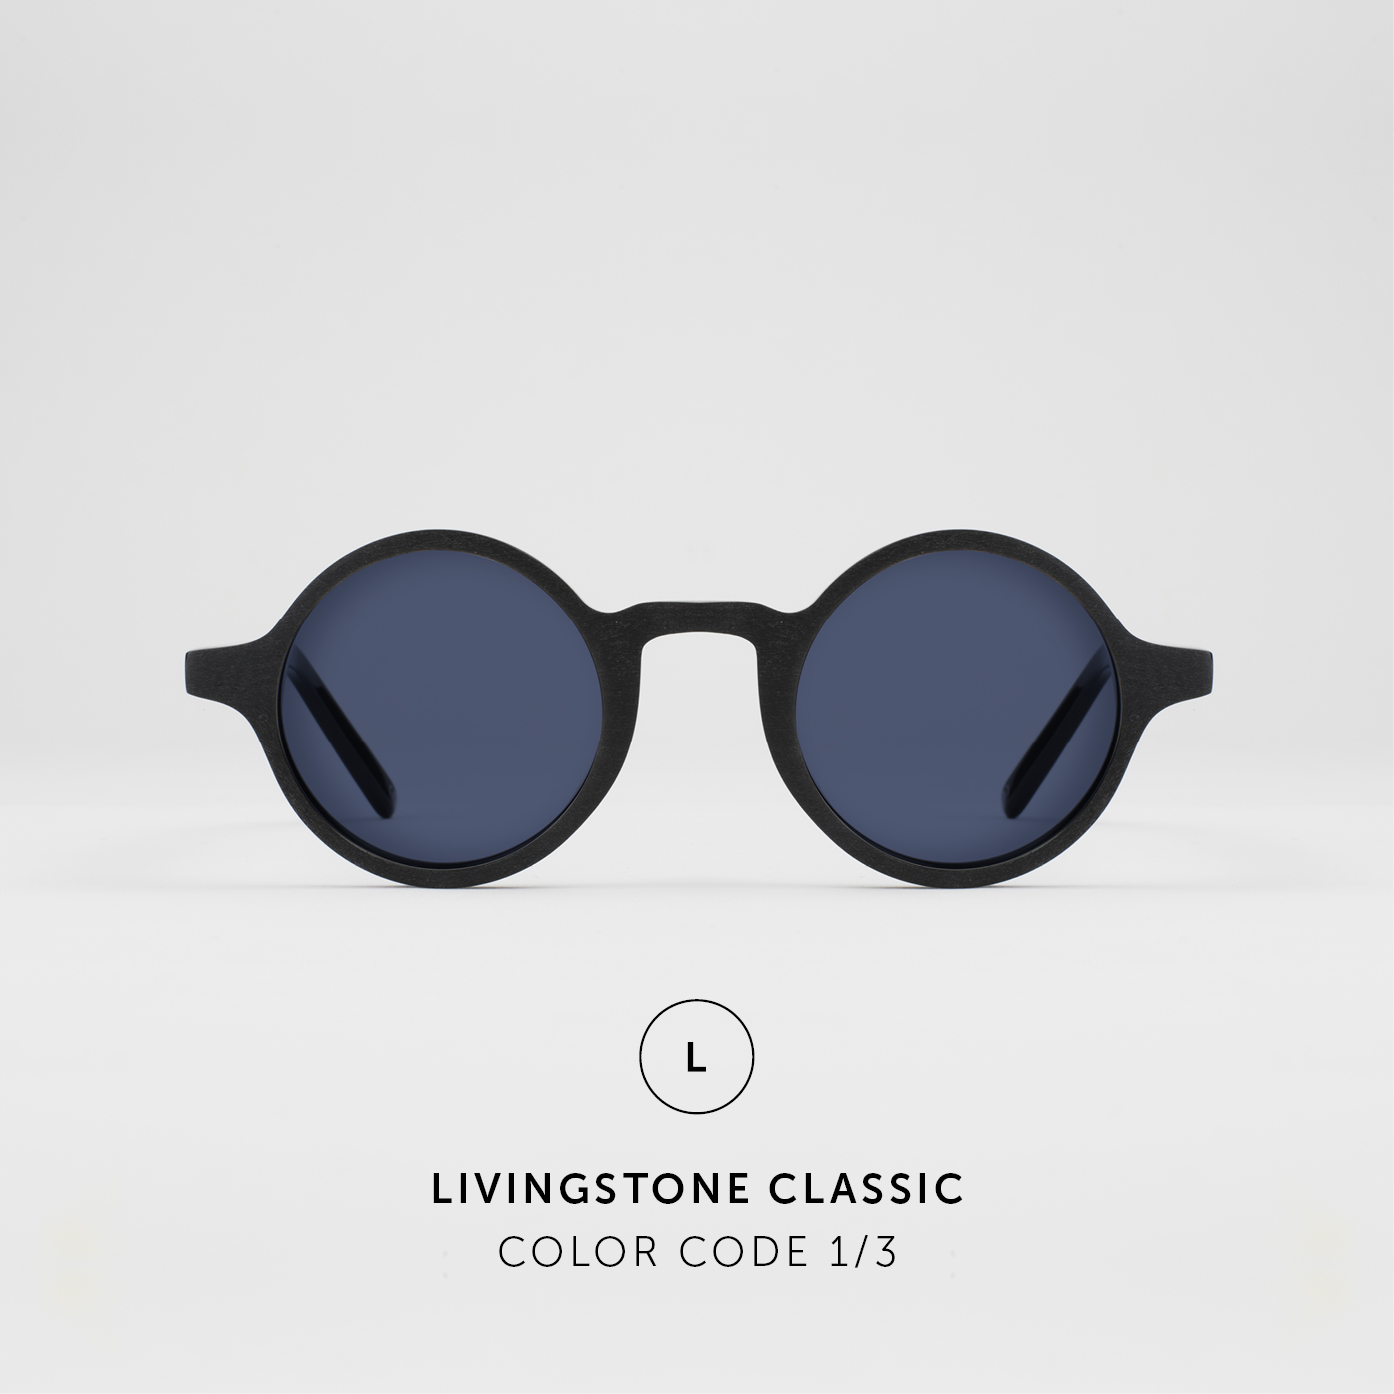 LivingstoneClassic12.jpg